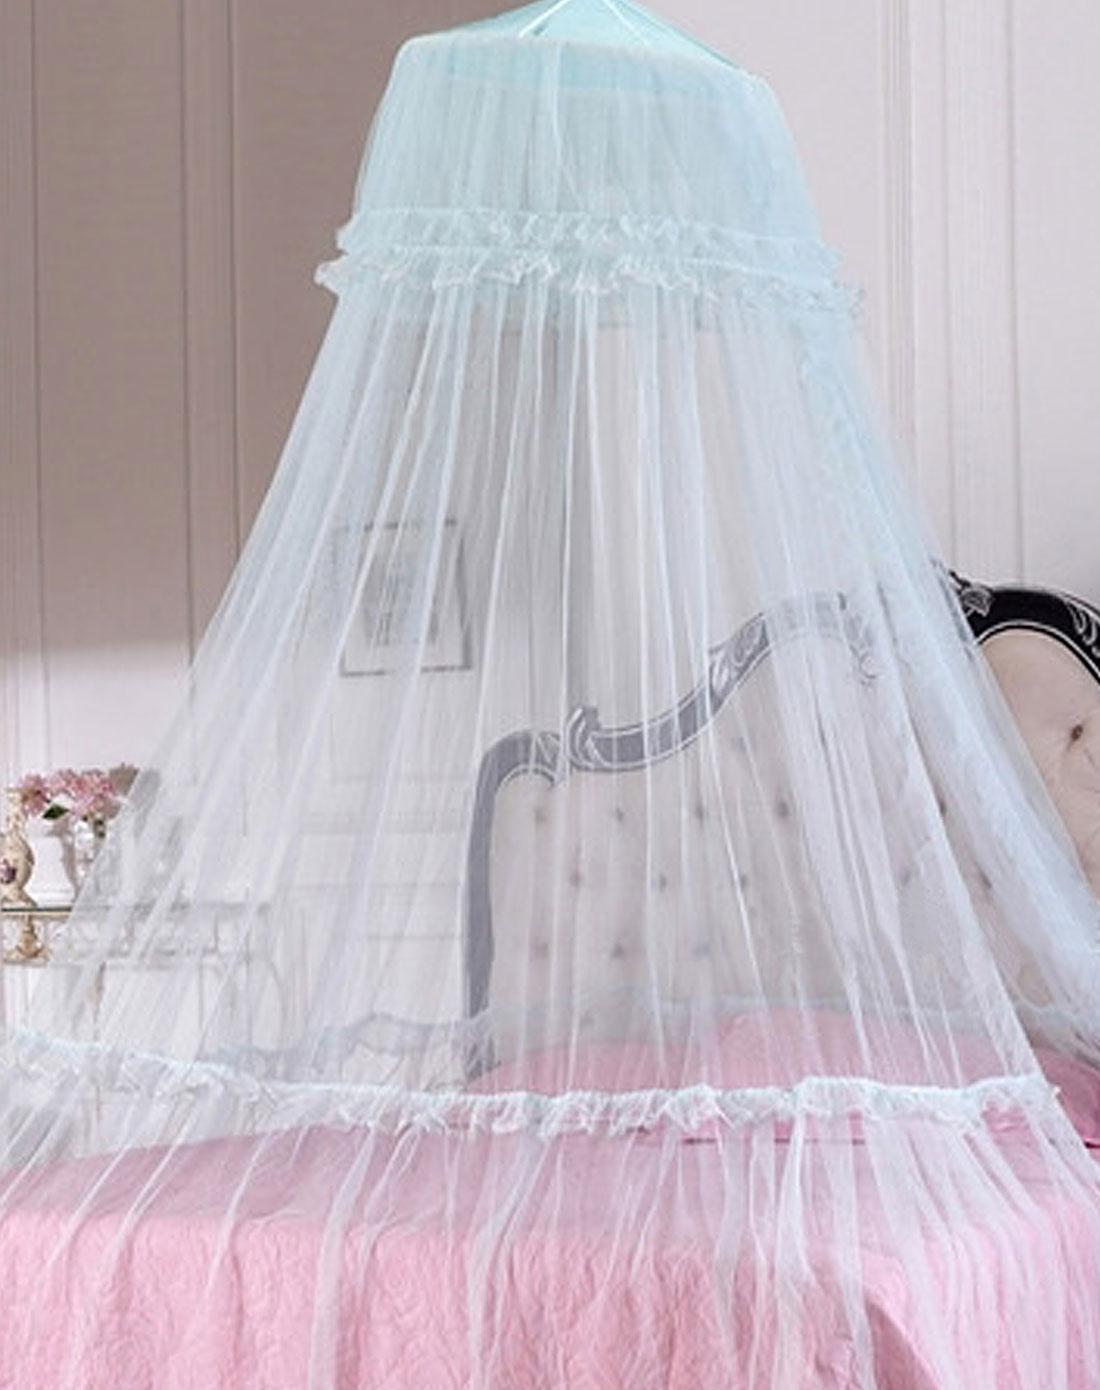 蚊帐做裙子的步骤